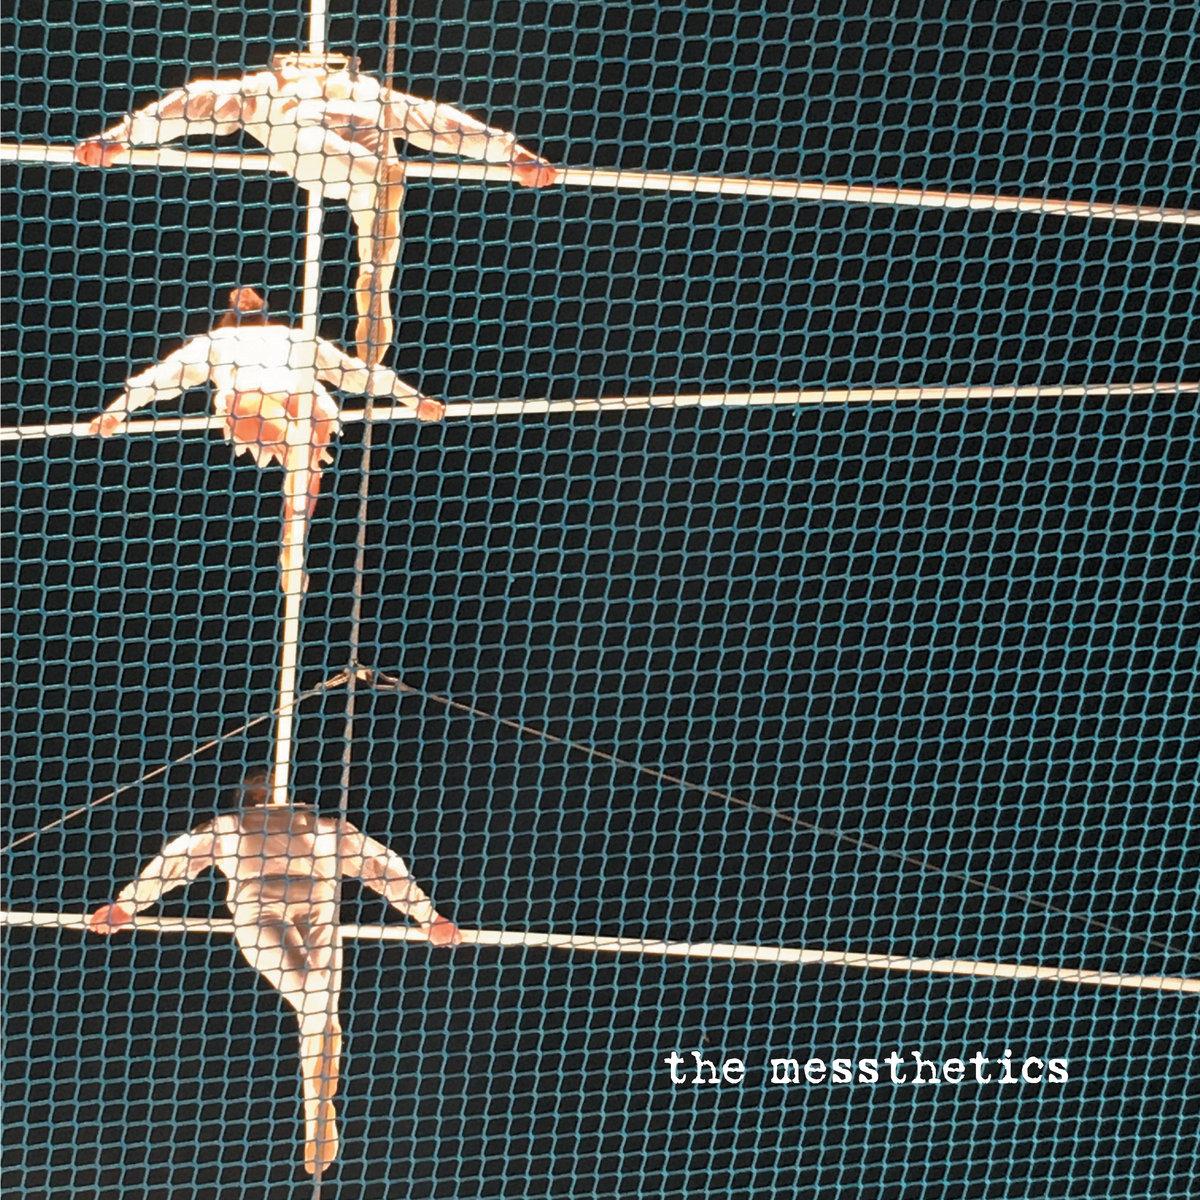 The Messthetics album